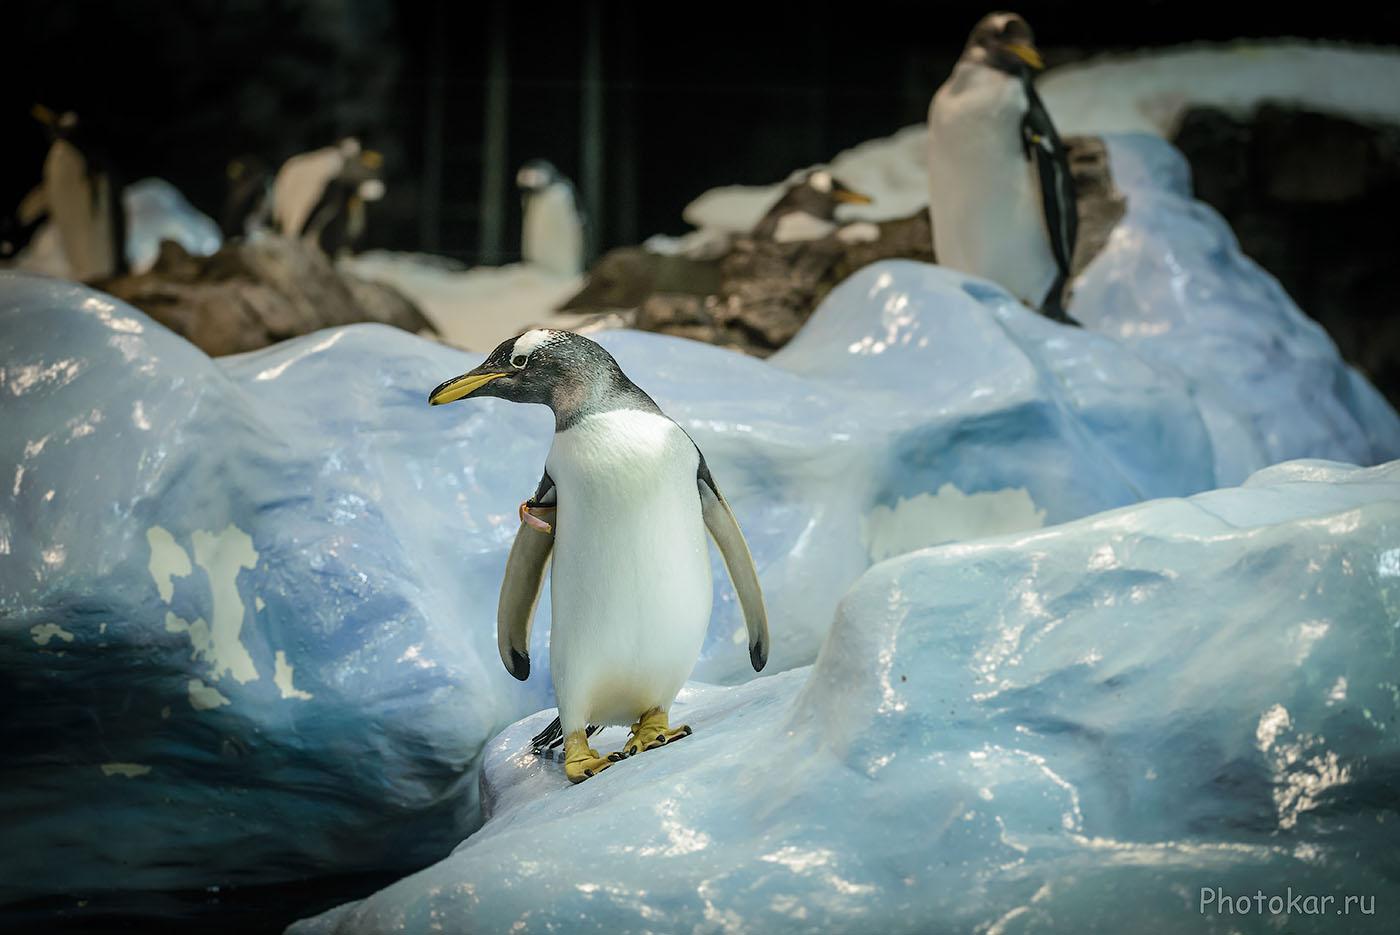 Фото 8. Если вы поедете в Антарктиду снимать пингвинов, покупайте телевик. Как вариант для полного кадра - не очень светосильный, но и не дорогой Nikon 70-200mm f/4G. Снято на фуллфрейм Nikon D610 со следующими параметрами: 1/320, 4.0, 1250, 122.